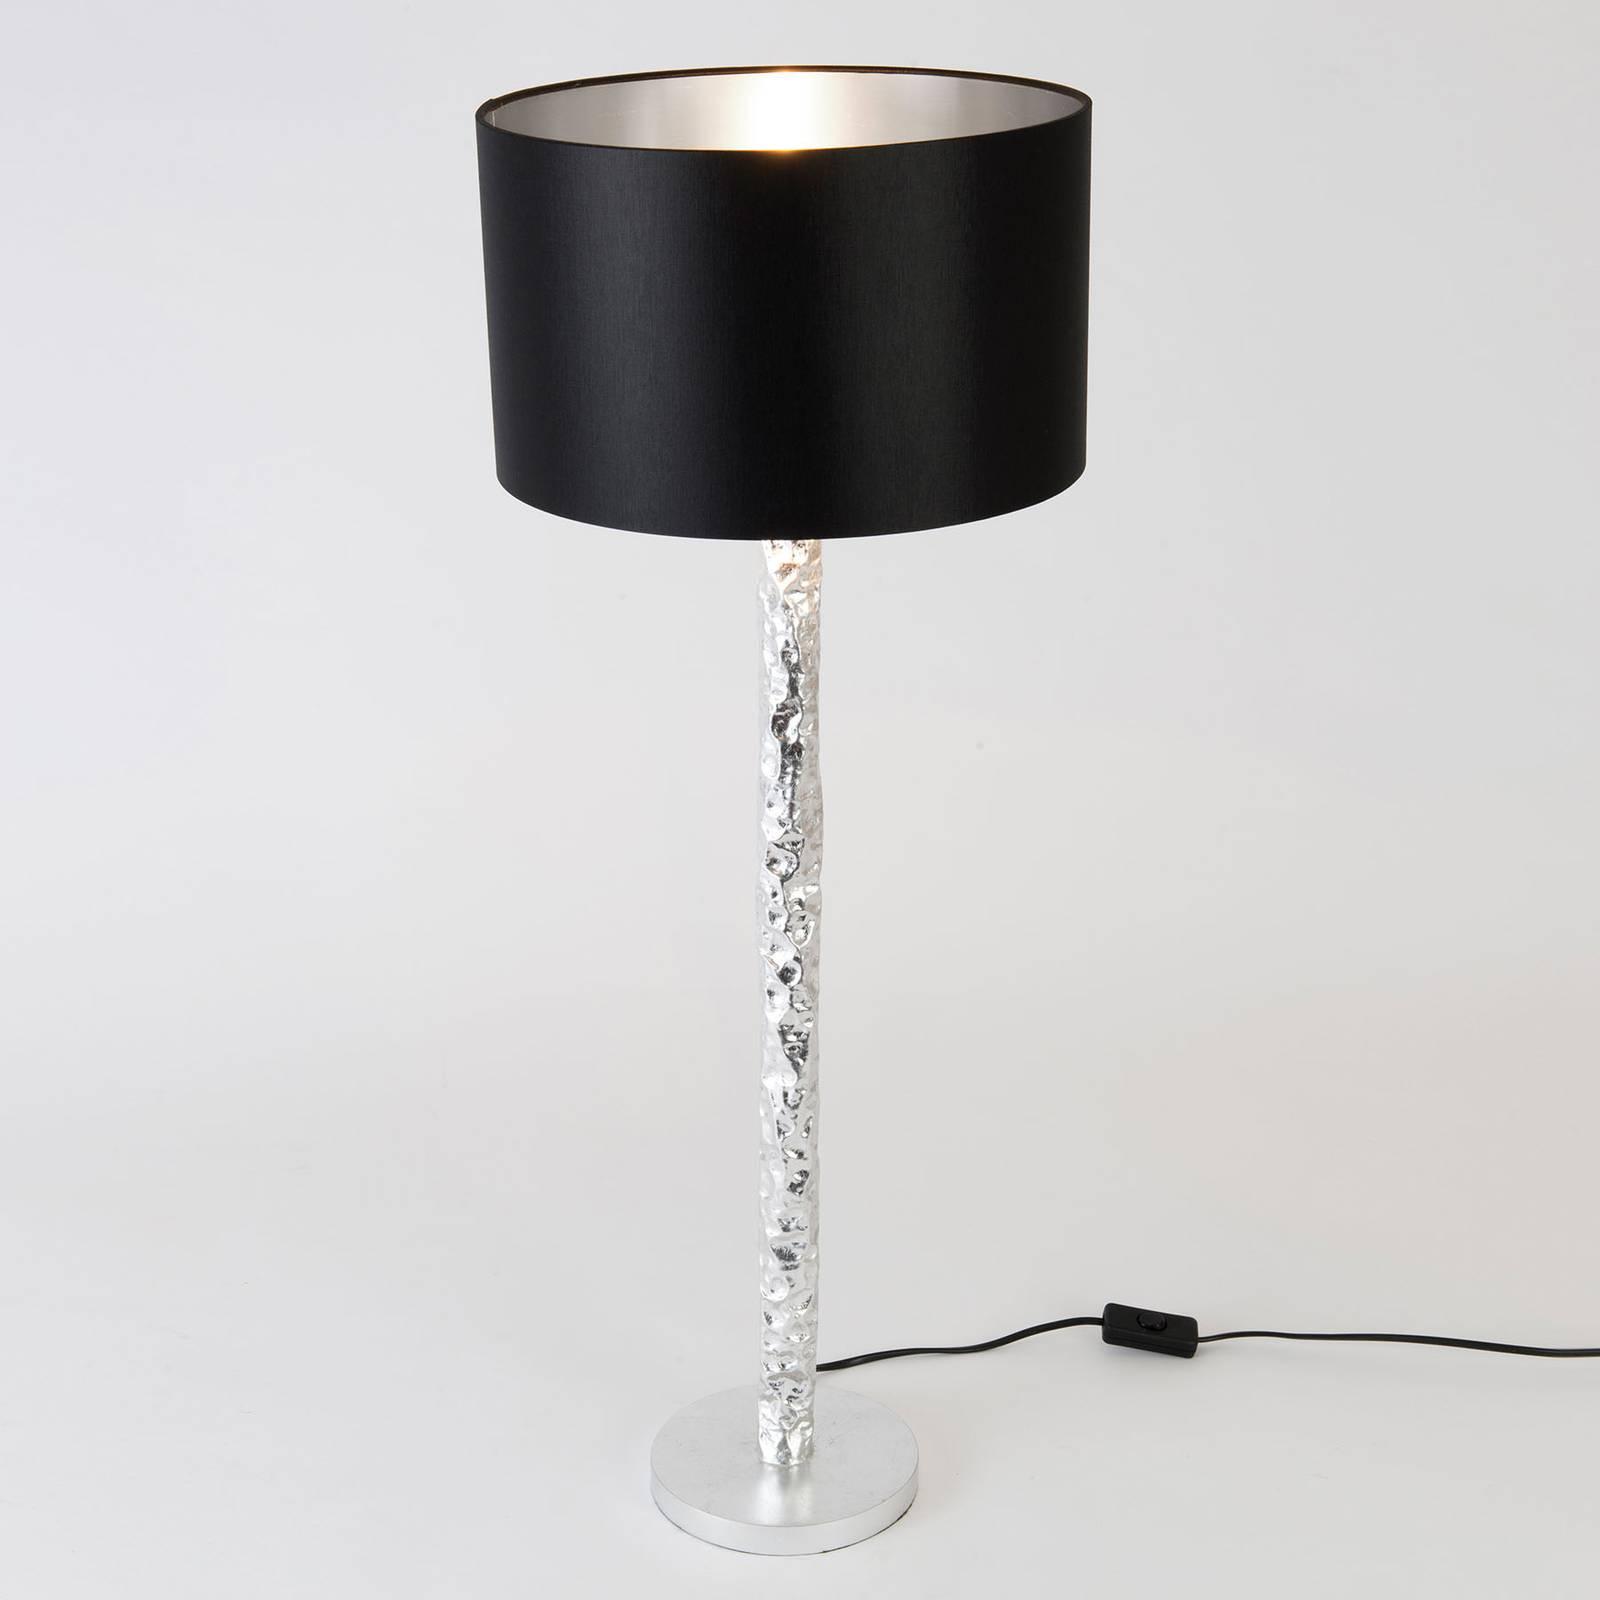 Tafellamp Cancelliere Rotonda zwart/zilver 79cm